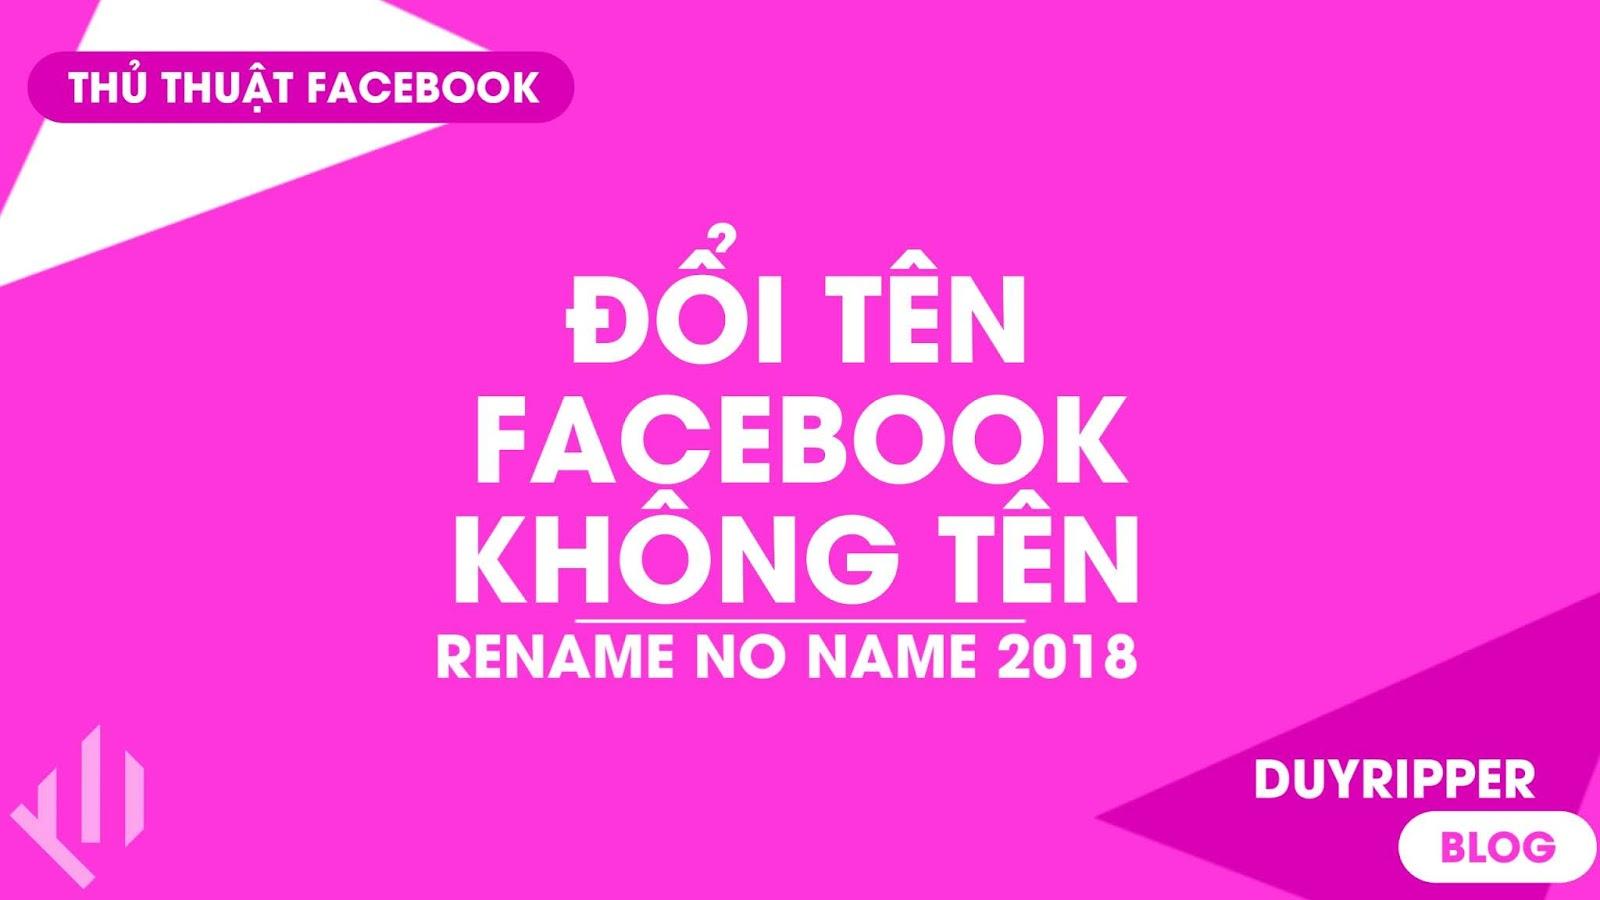 Hướng dẫn đổi tên noname facebook 2018